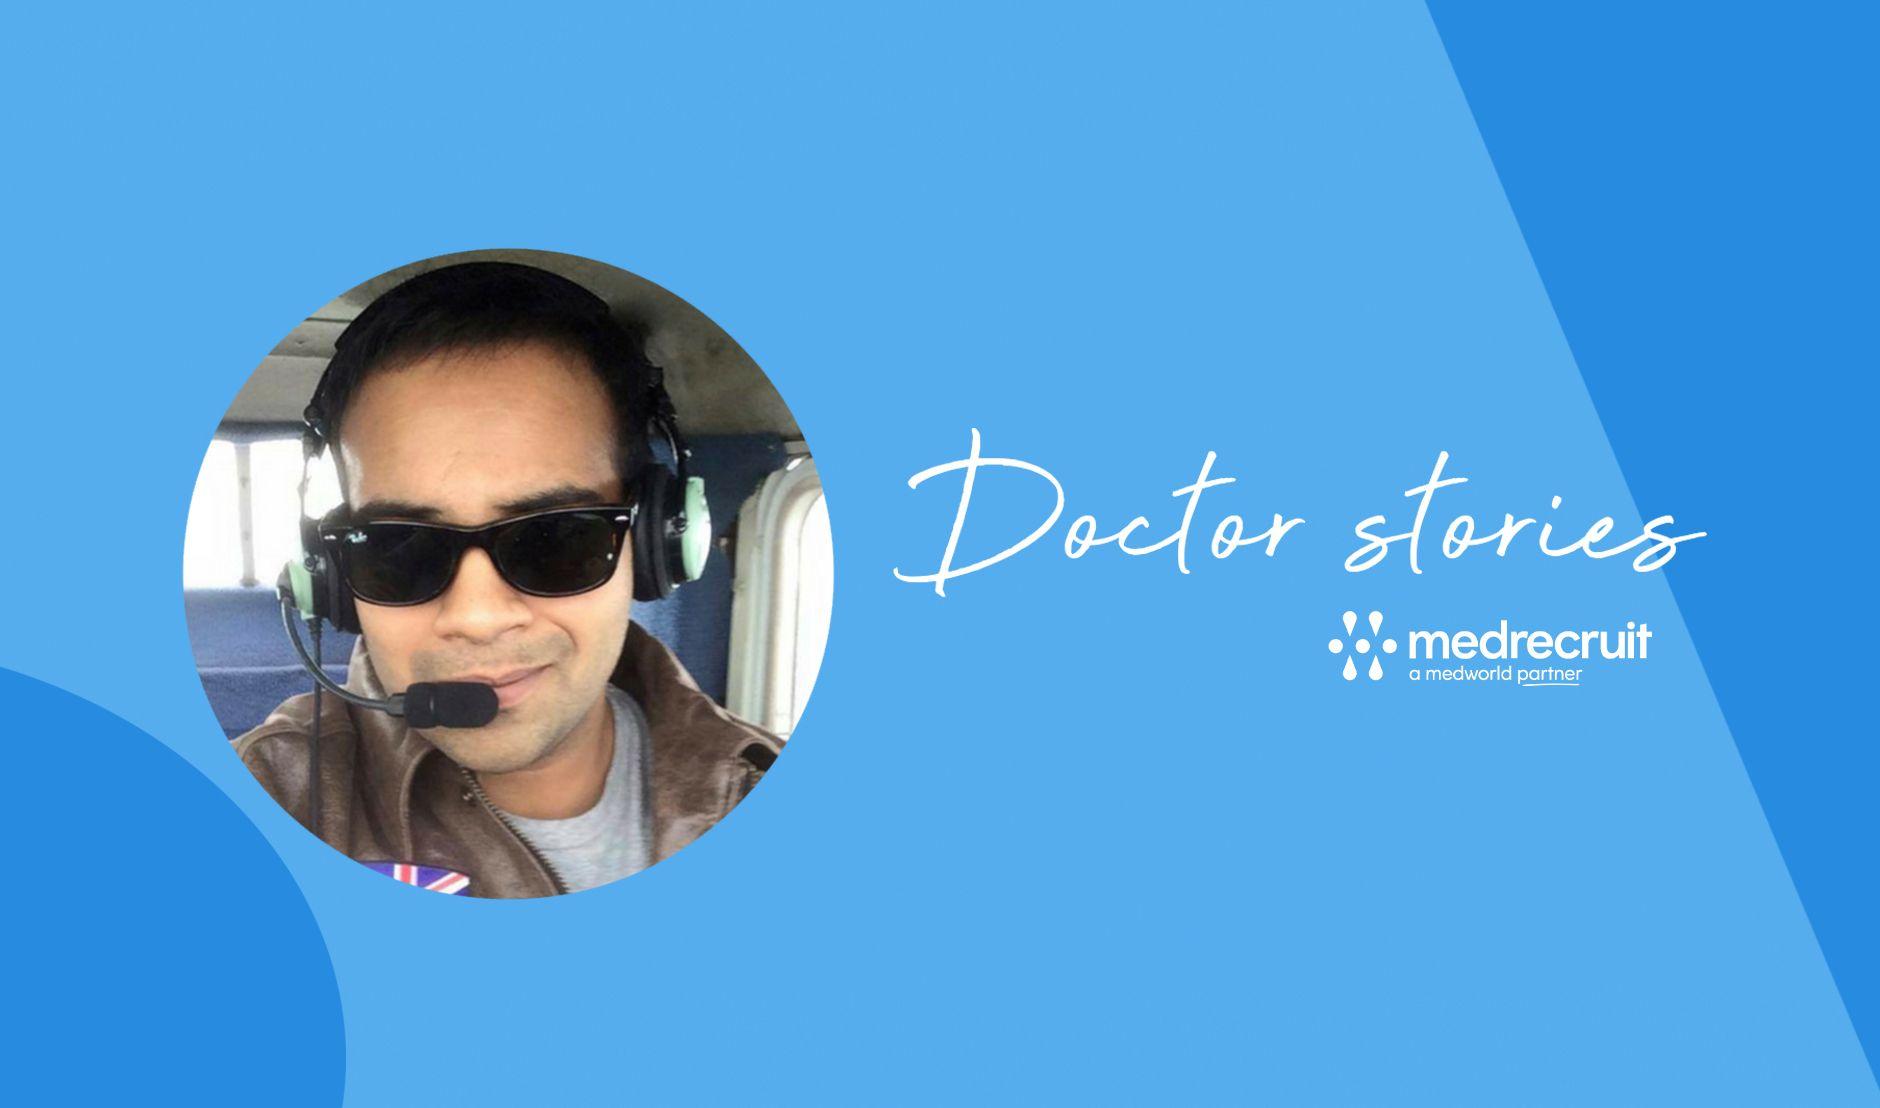 Dr Kiren - full time locum